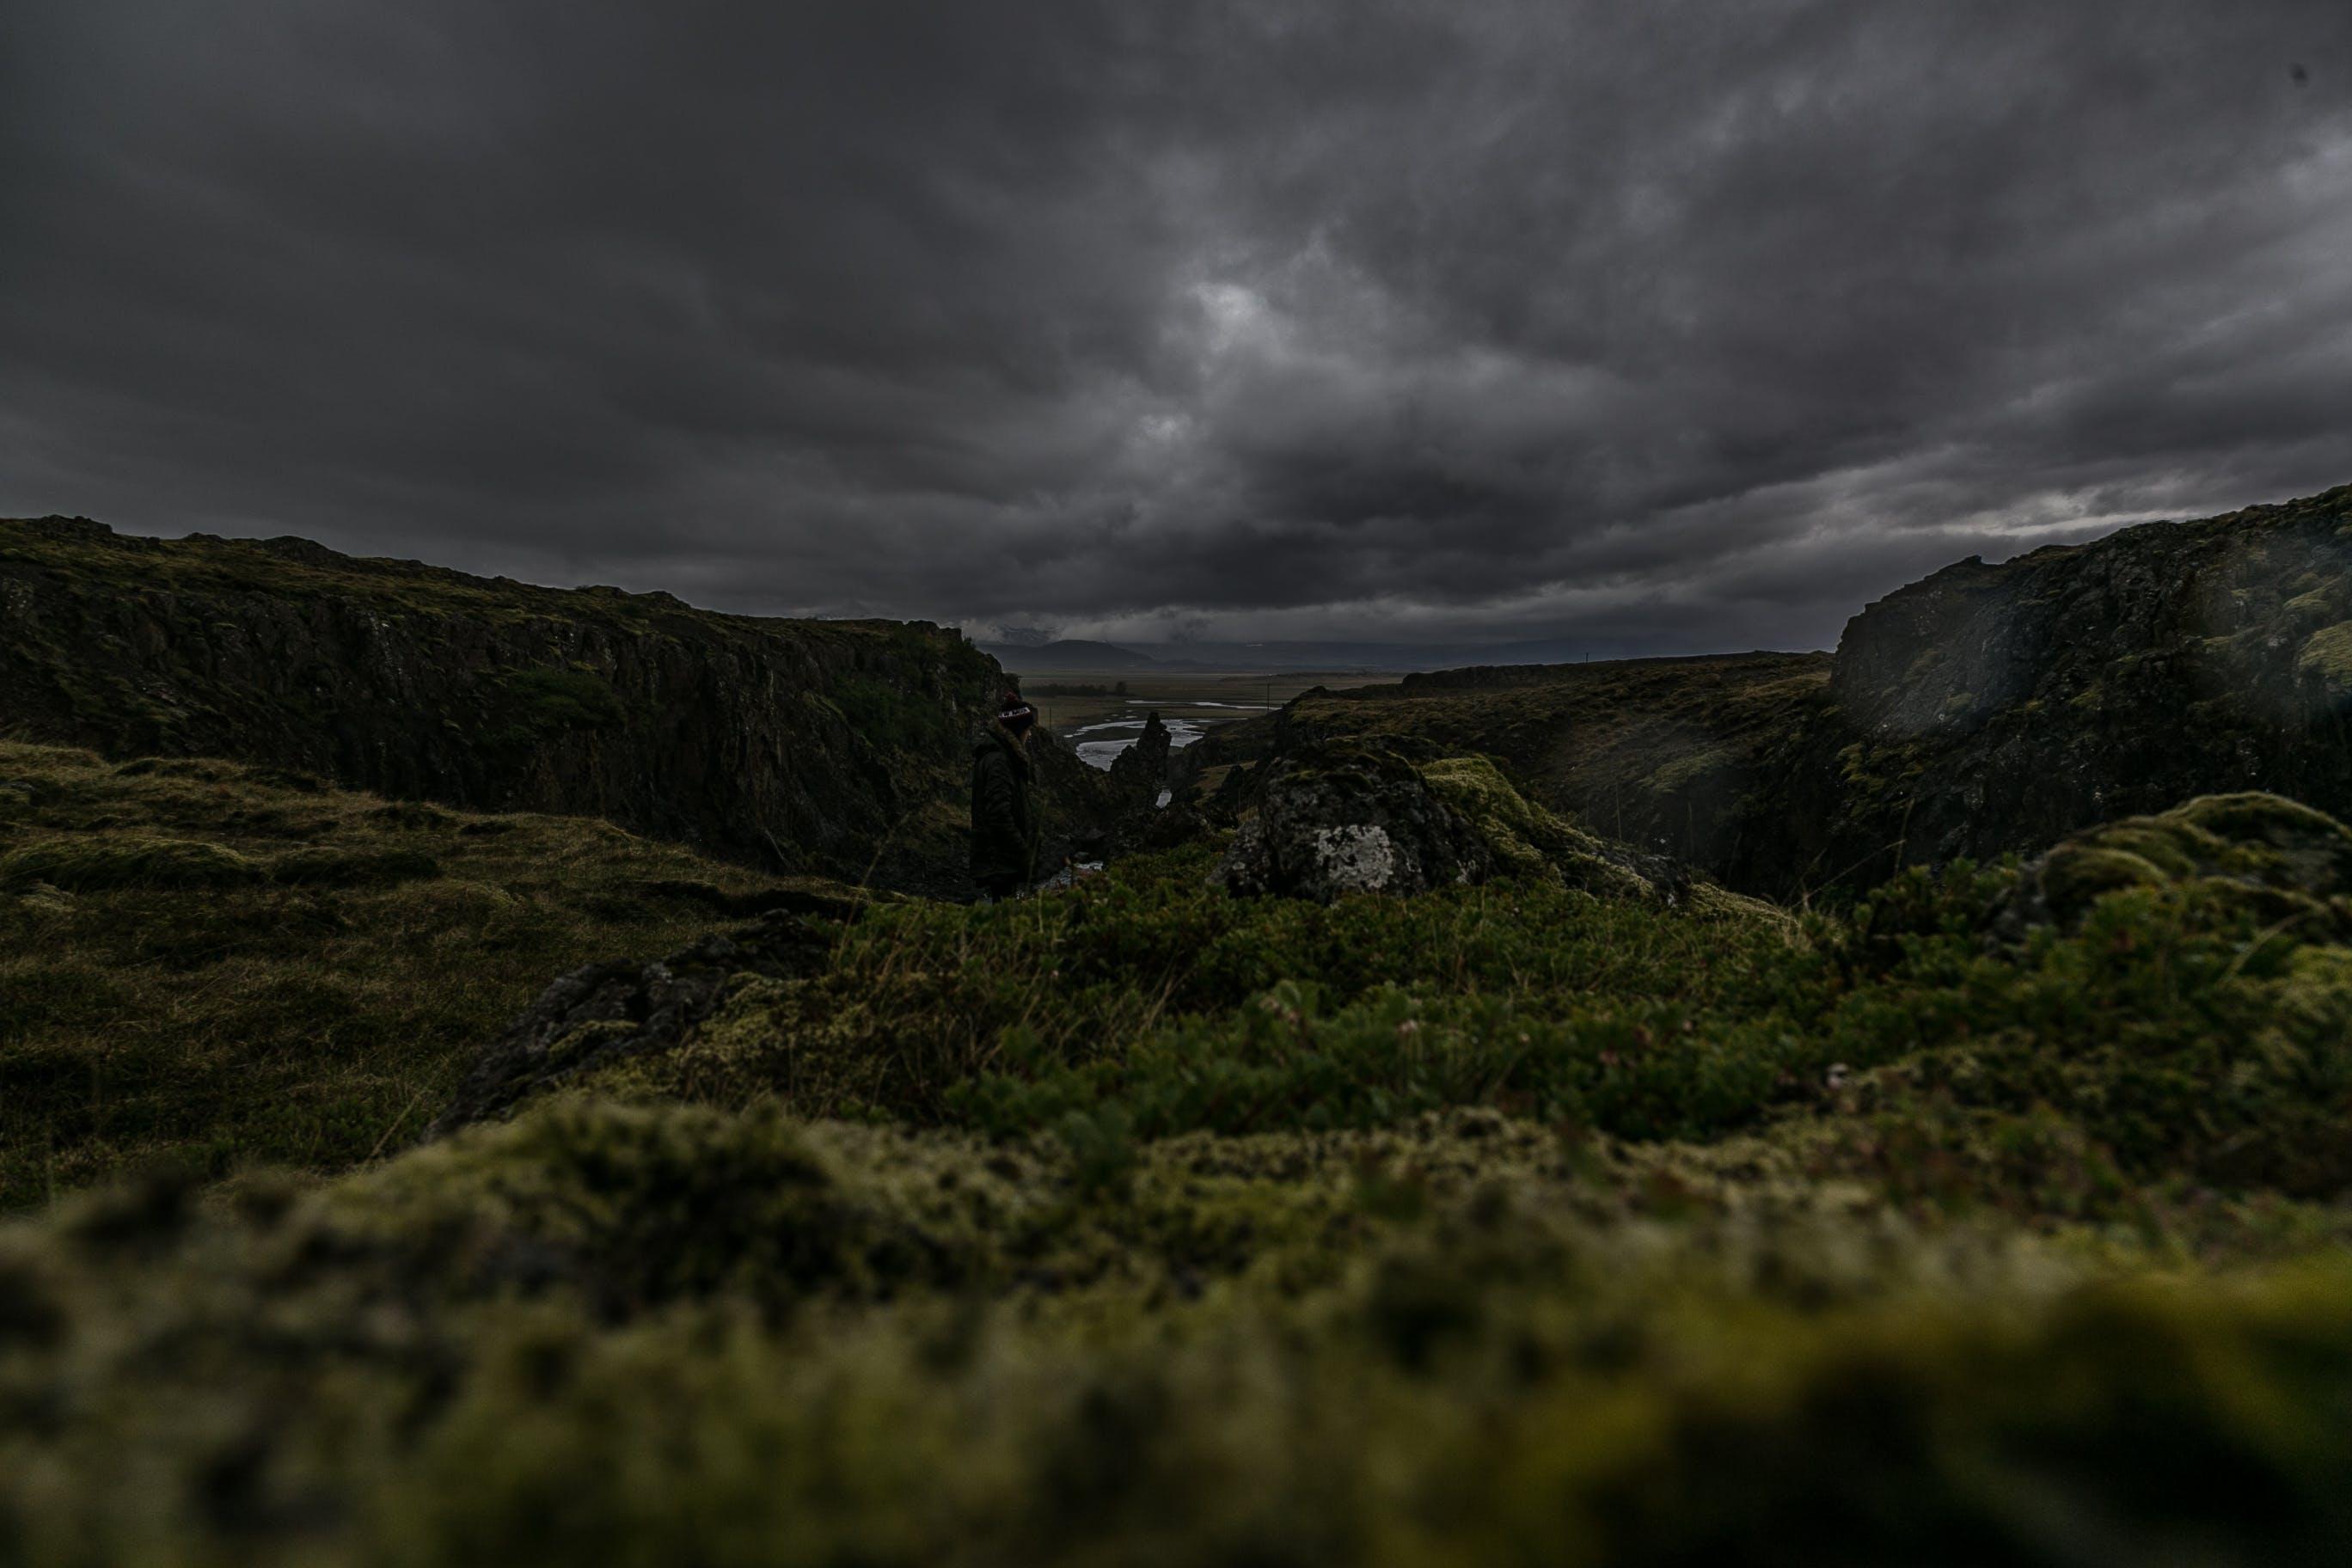 Kostenloses Stock Foto zu abenteuer, berg, dämmerung, draußen